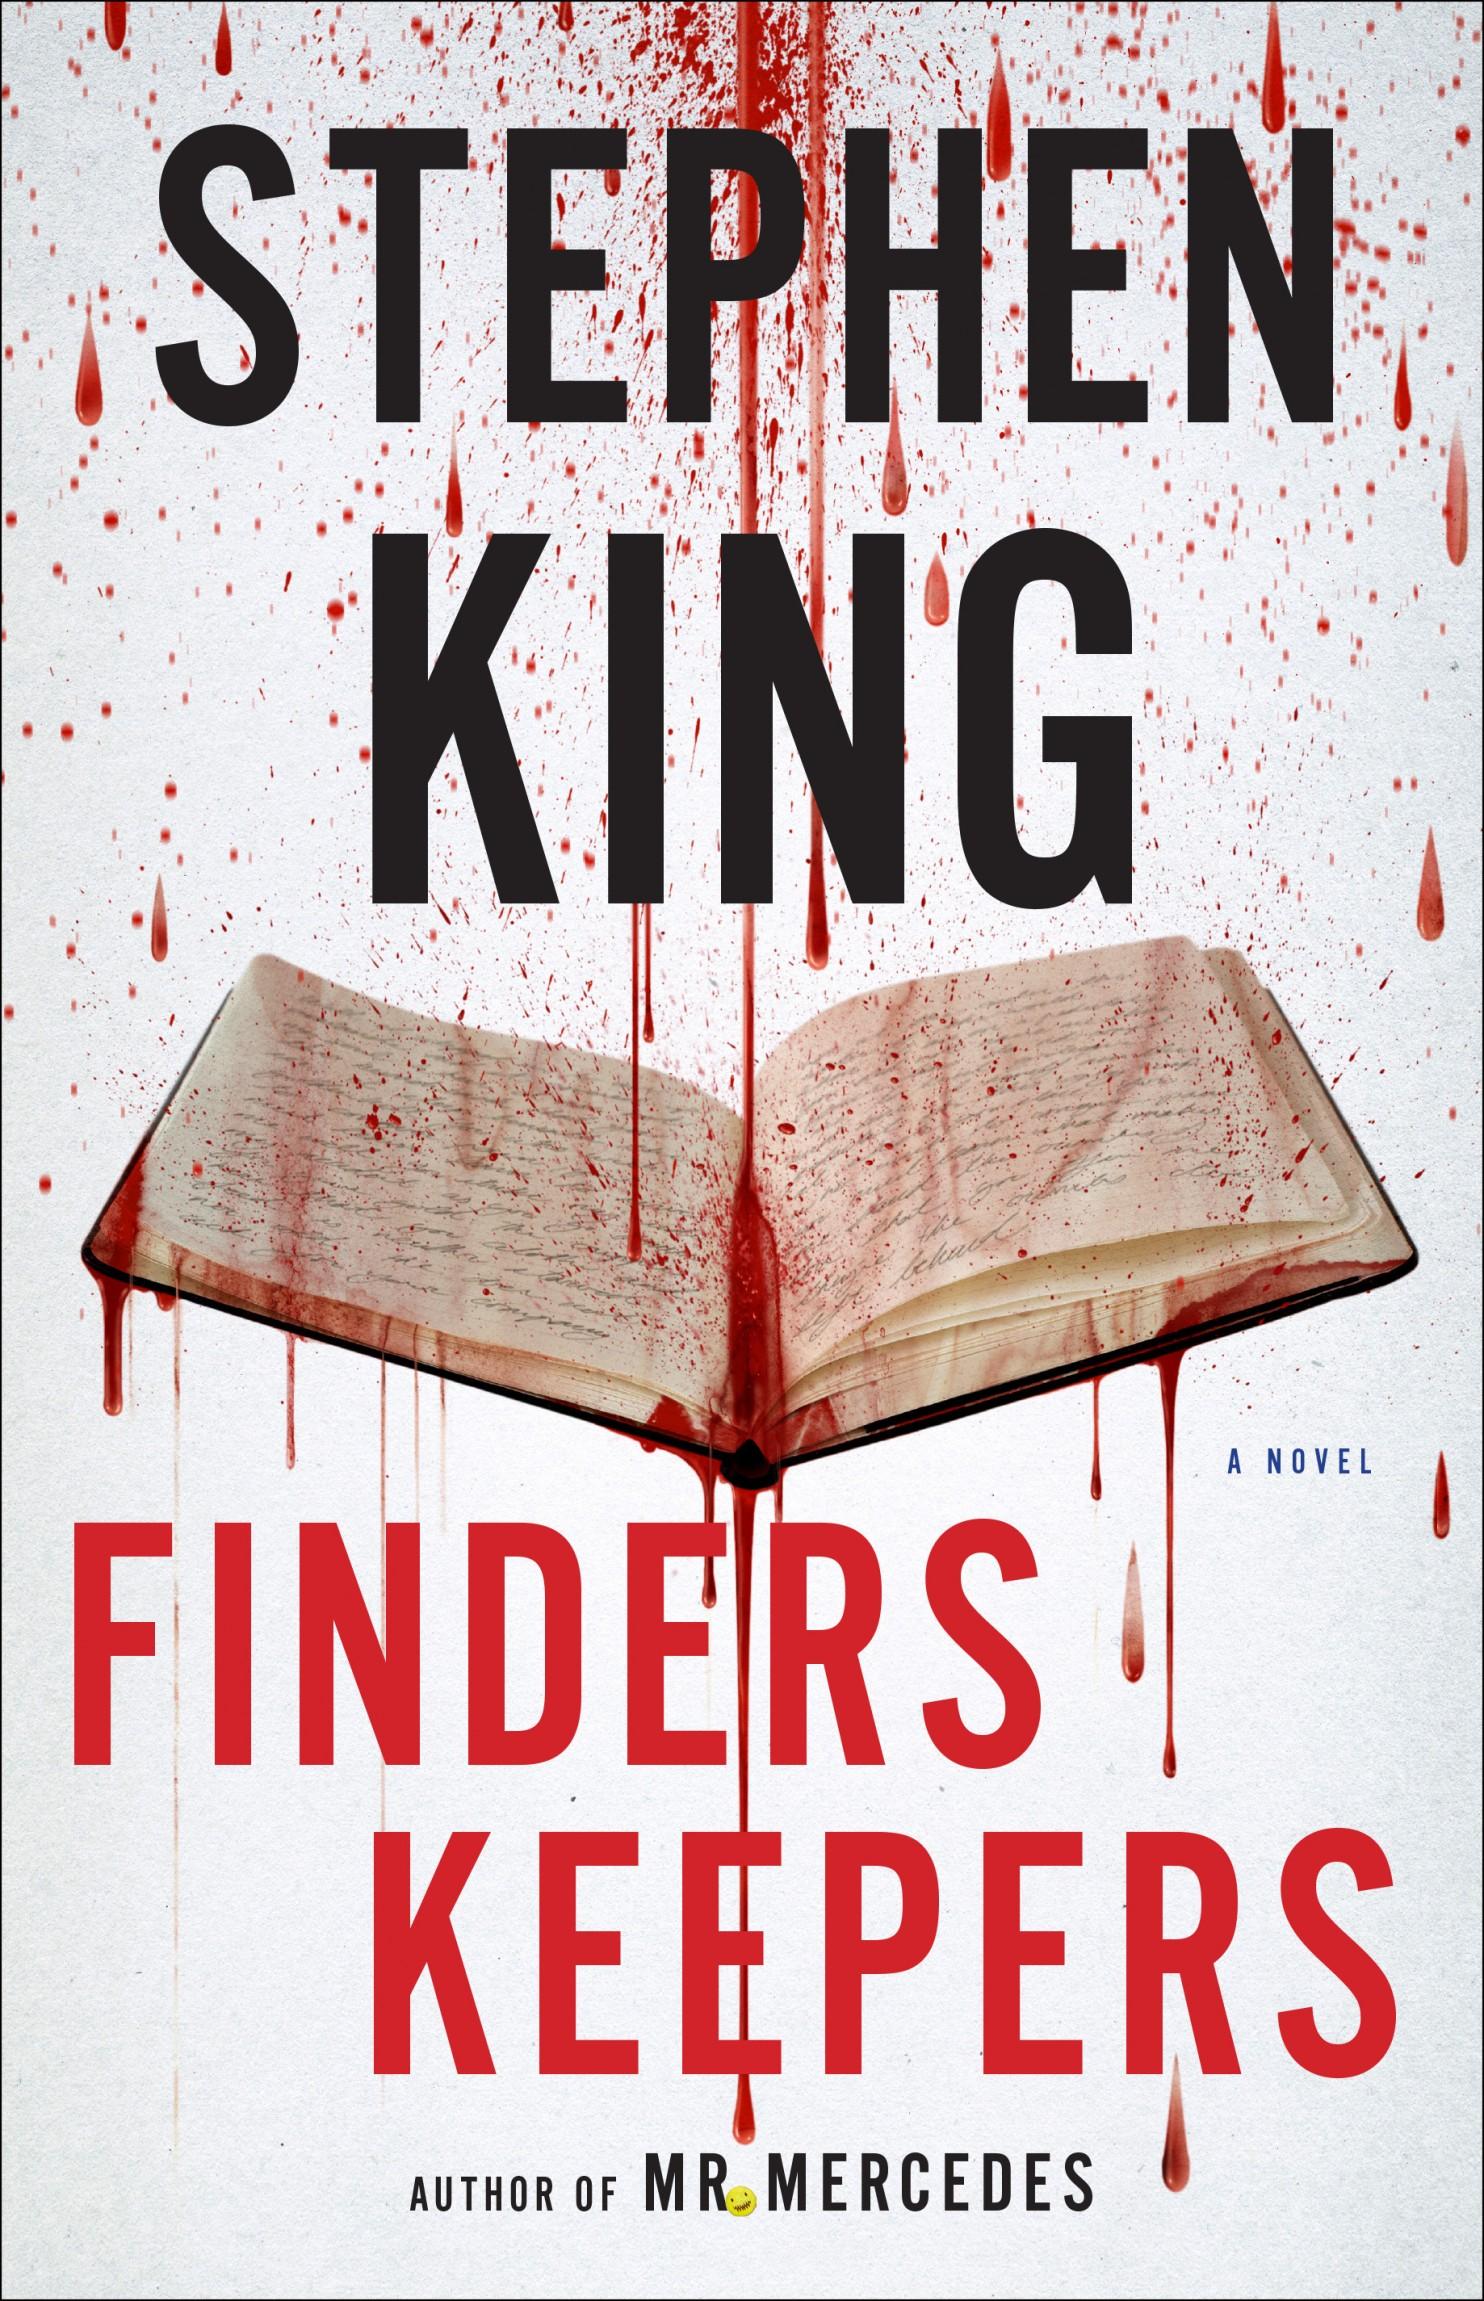 FindersKeepers.coverimage.jpg